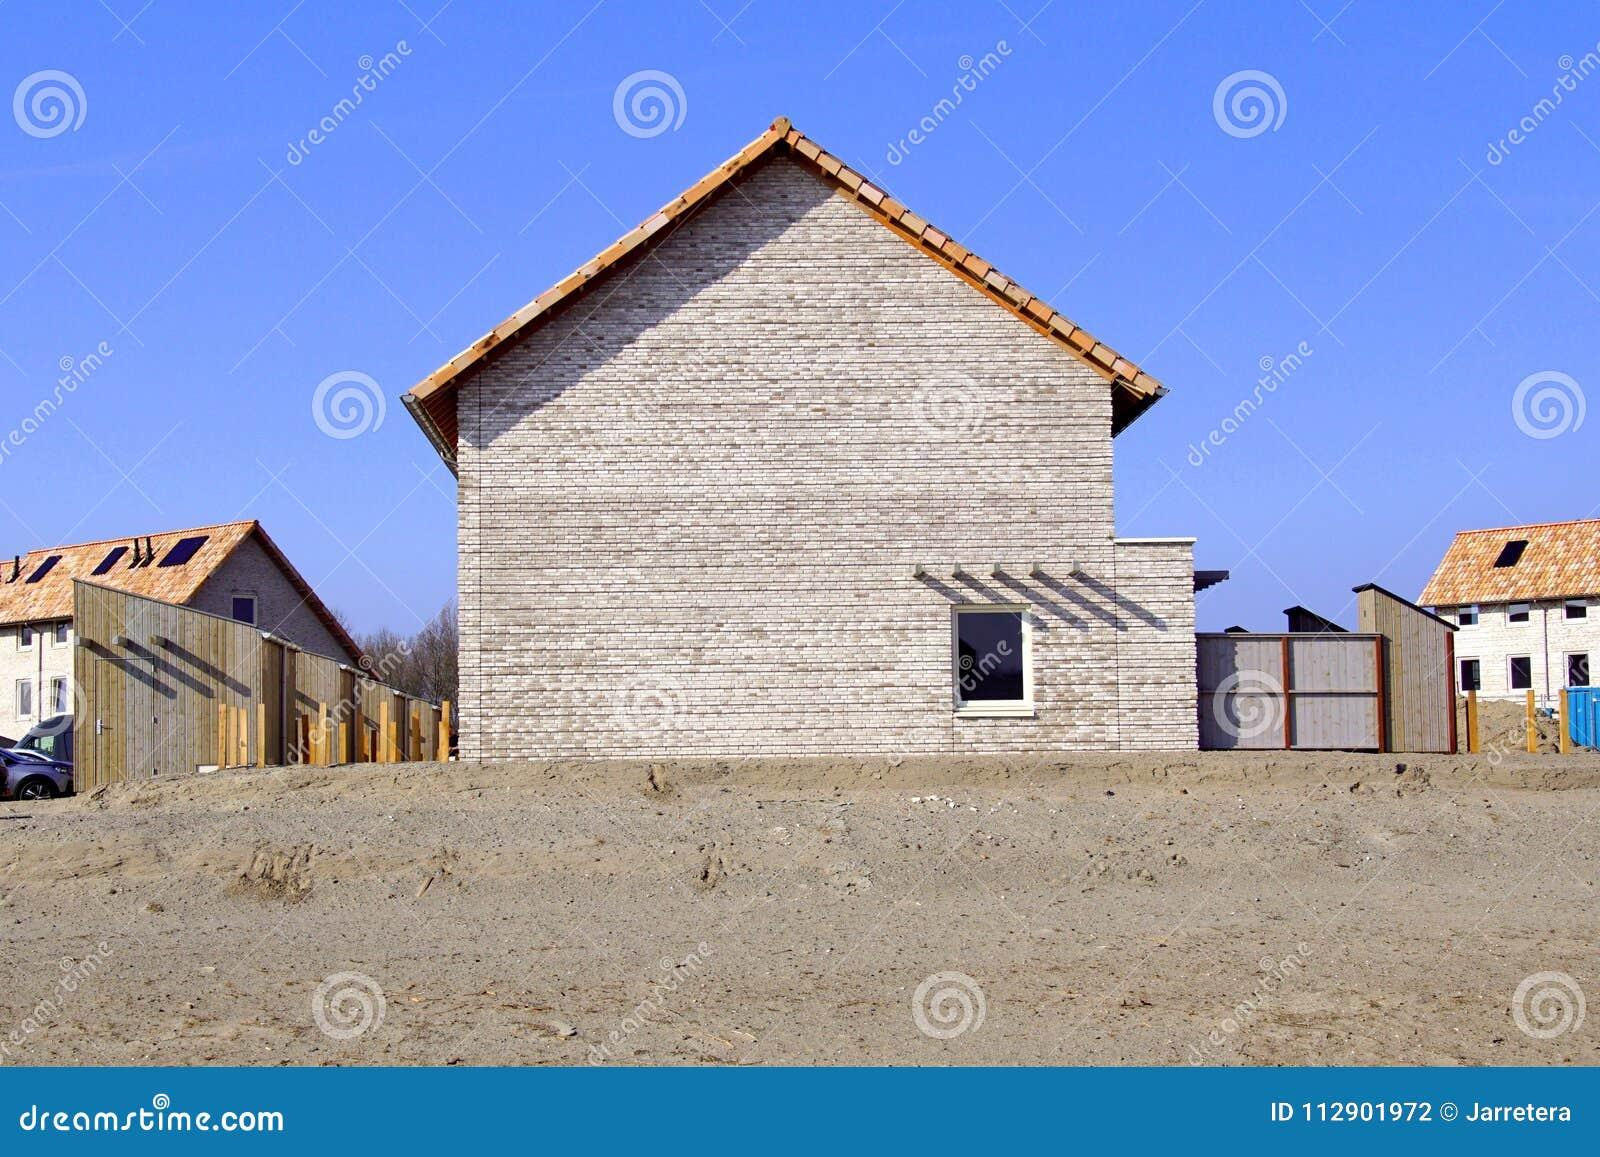 Een Nieuw Huis : Zijaanzicht van een nieuw huis op huisbouwwerf duin almere poort